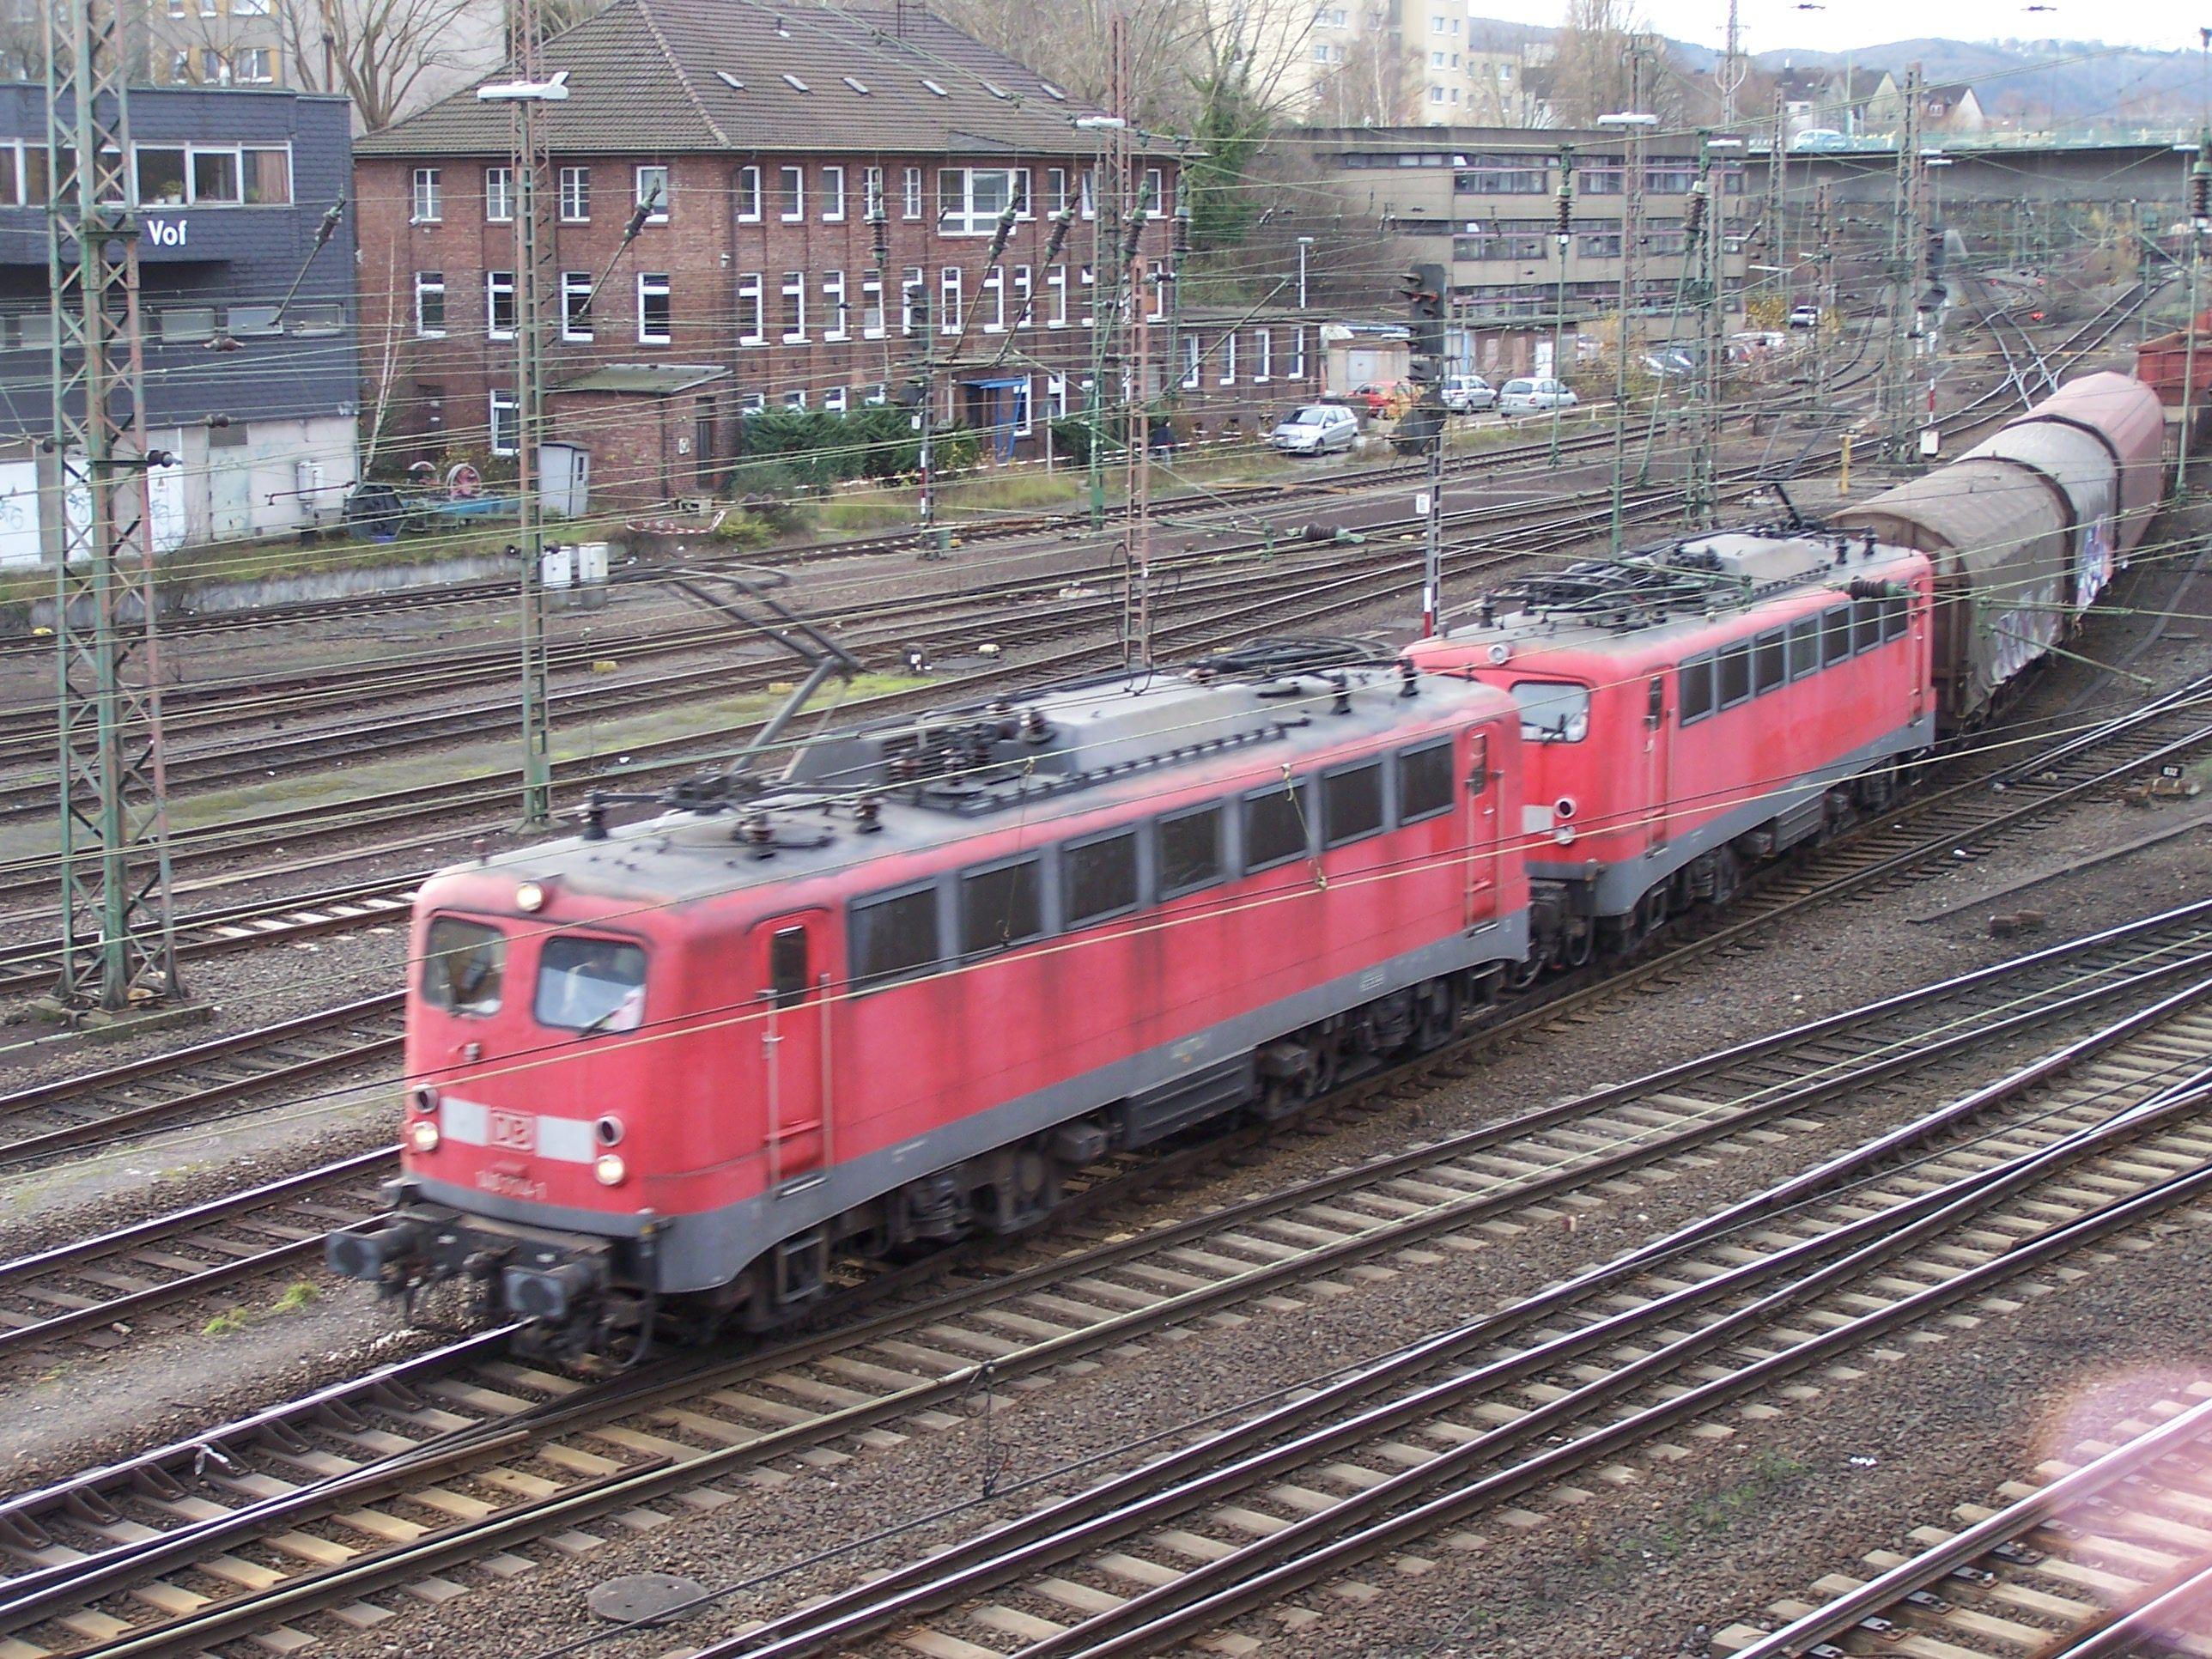 2009.11.25. 140-774+x in Hagen Vorhalle